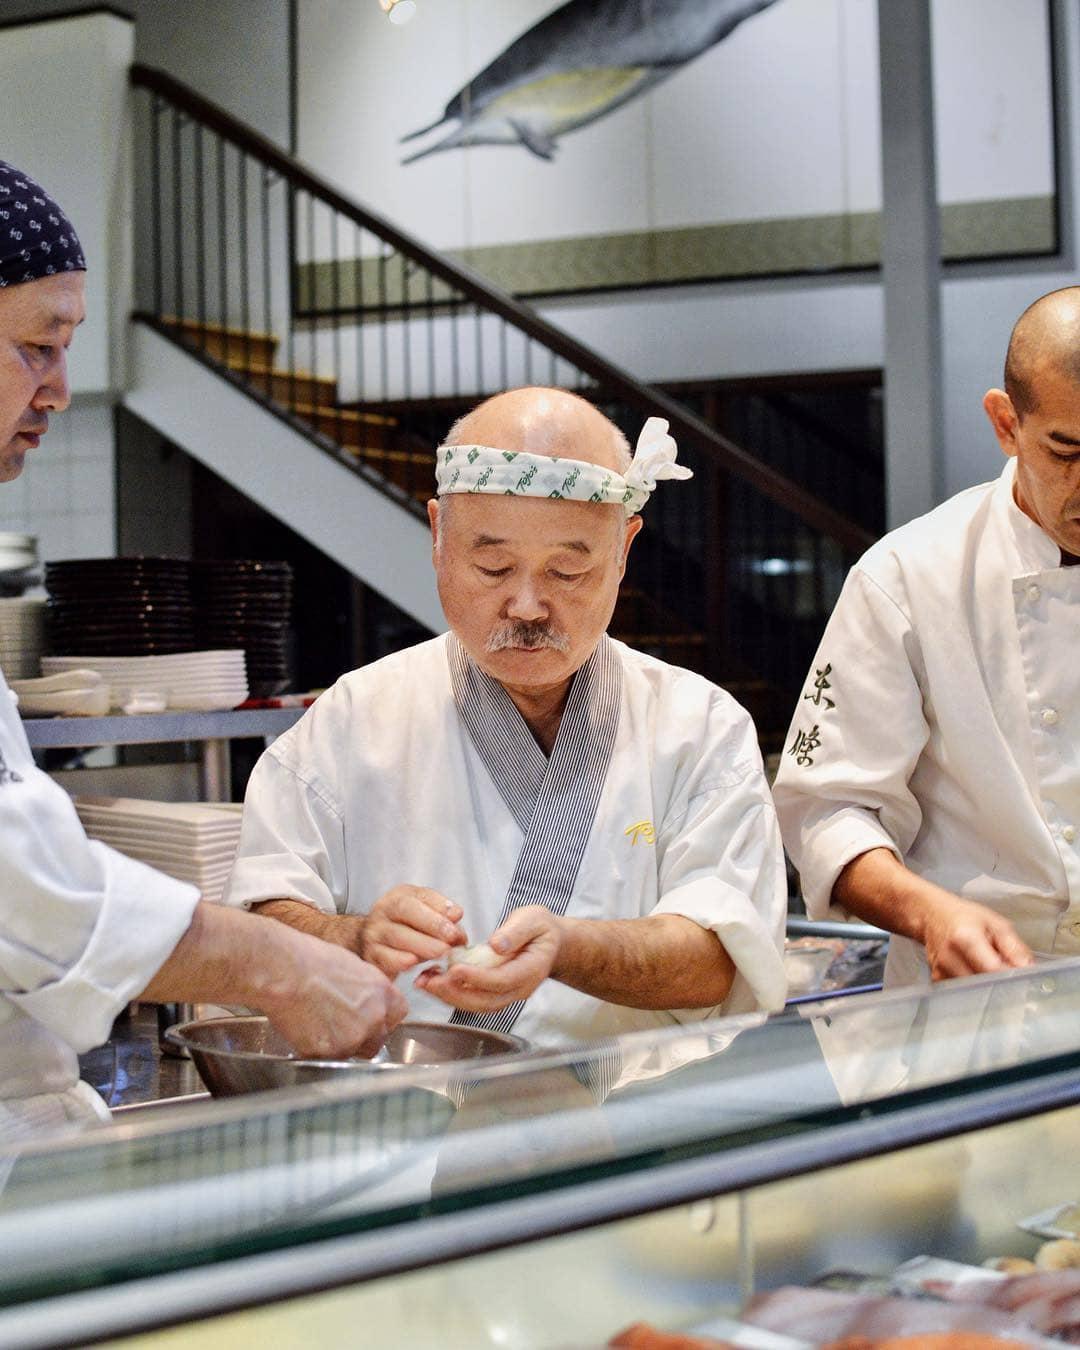 Sushi Chef tojo making sushi